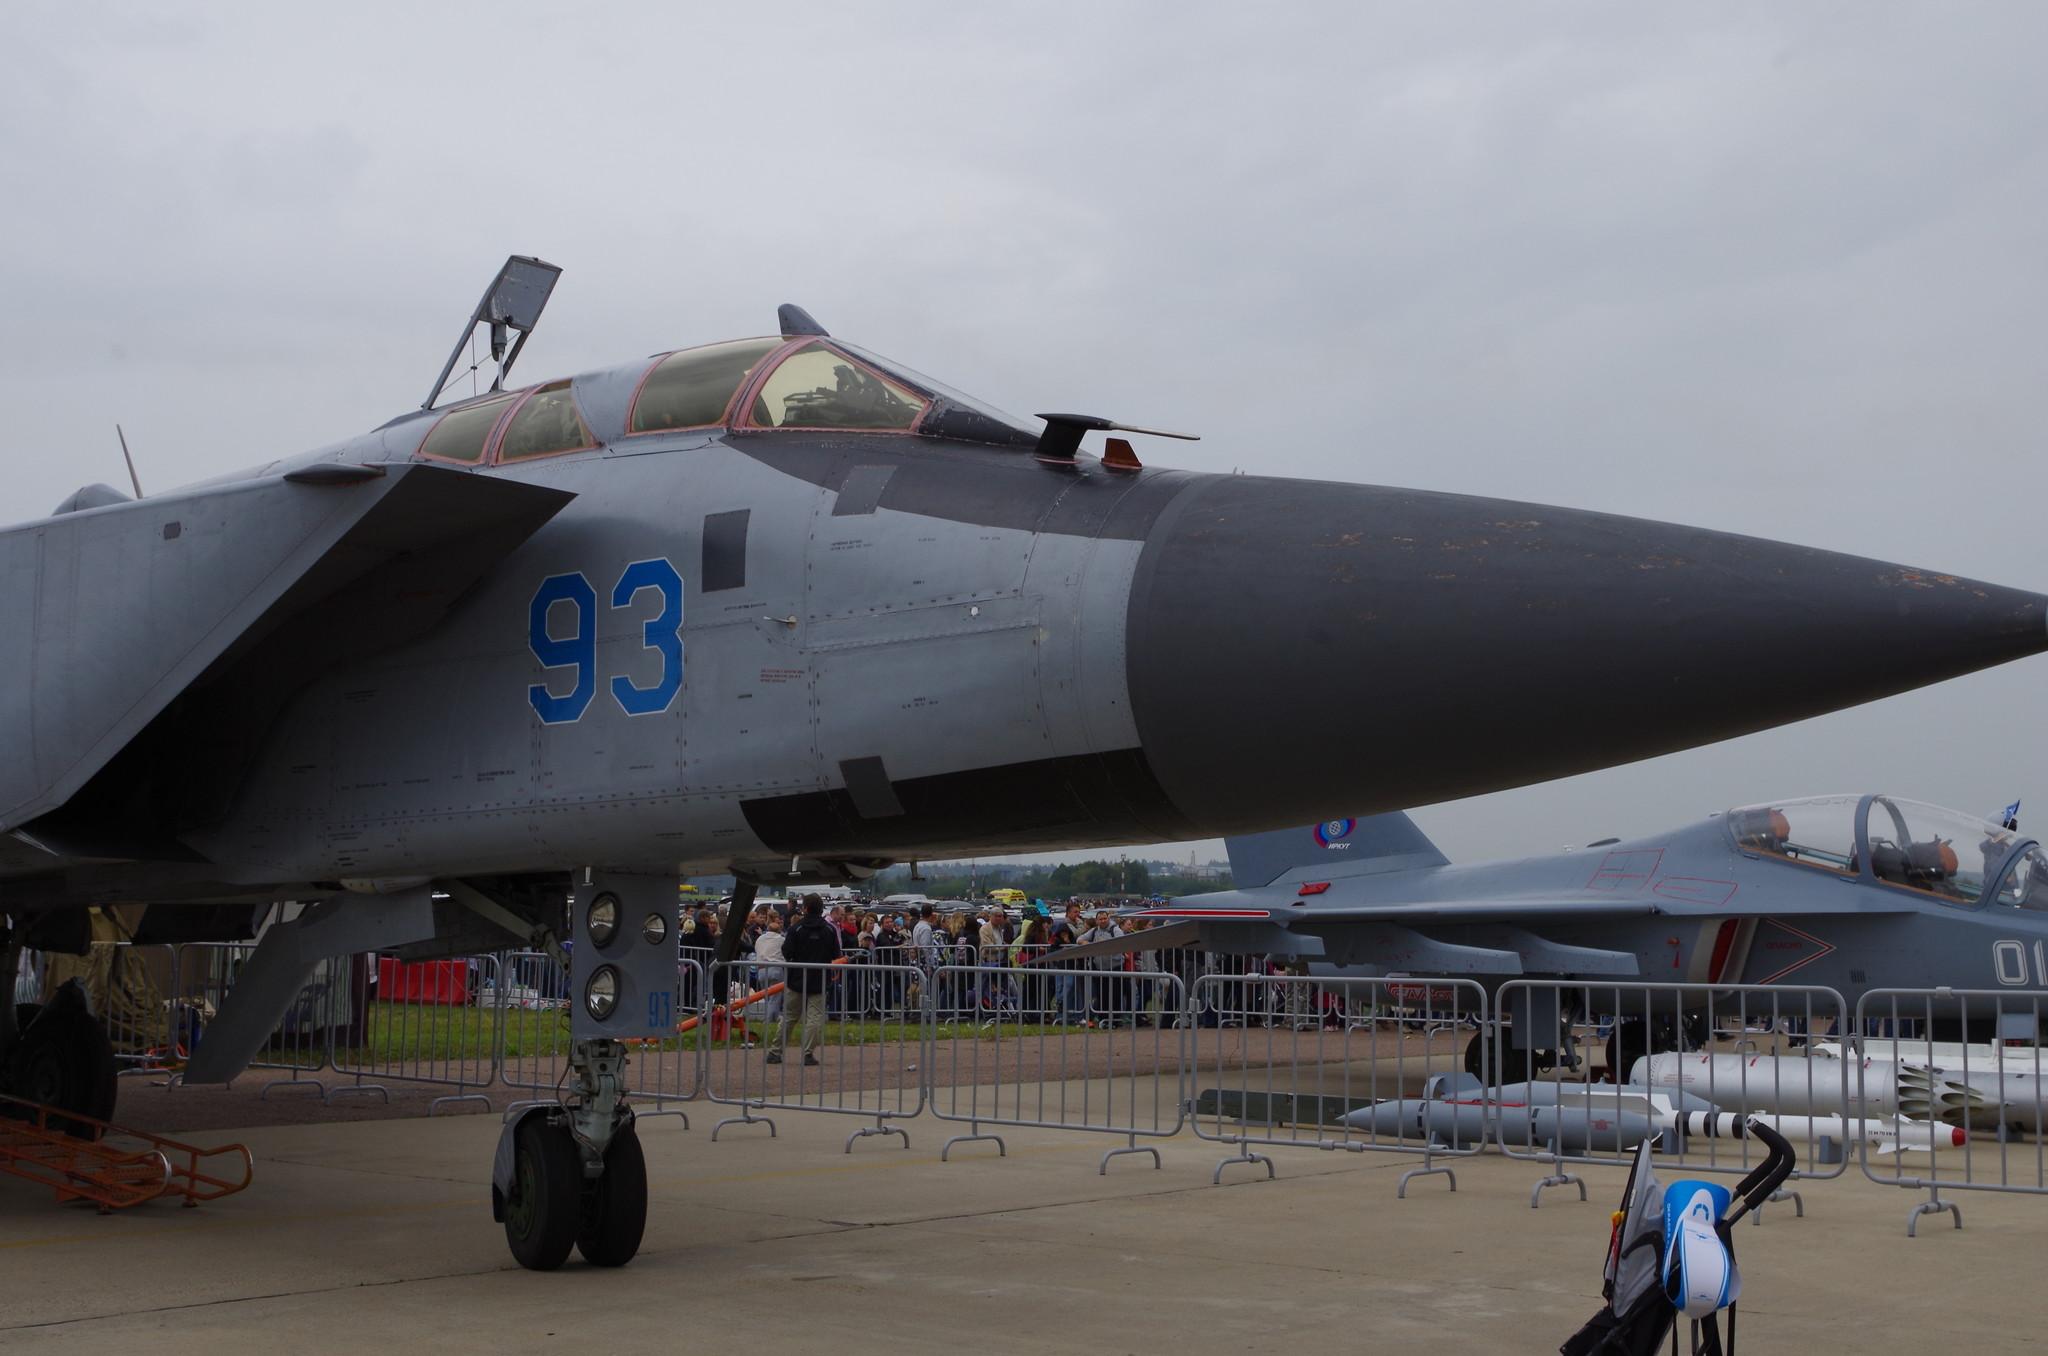 МиГ-31 — двухместный сверхзвуковой всепогодный истребитель-перехватчик дальнего радиуса действия